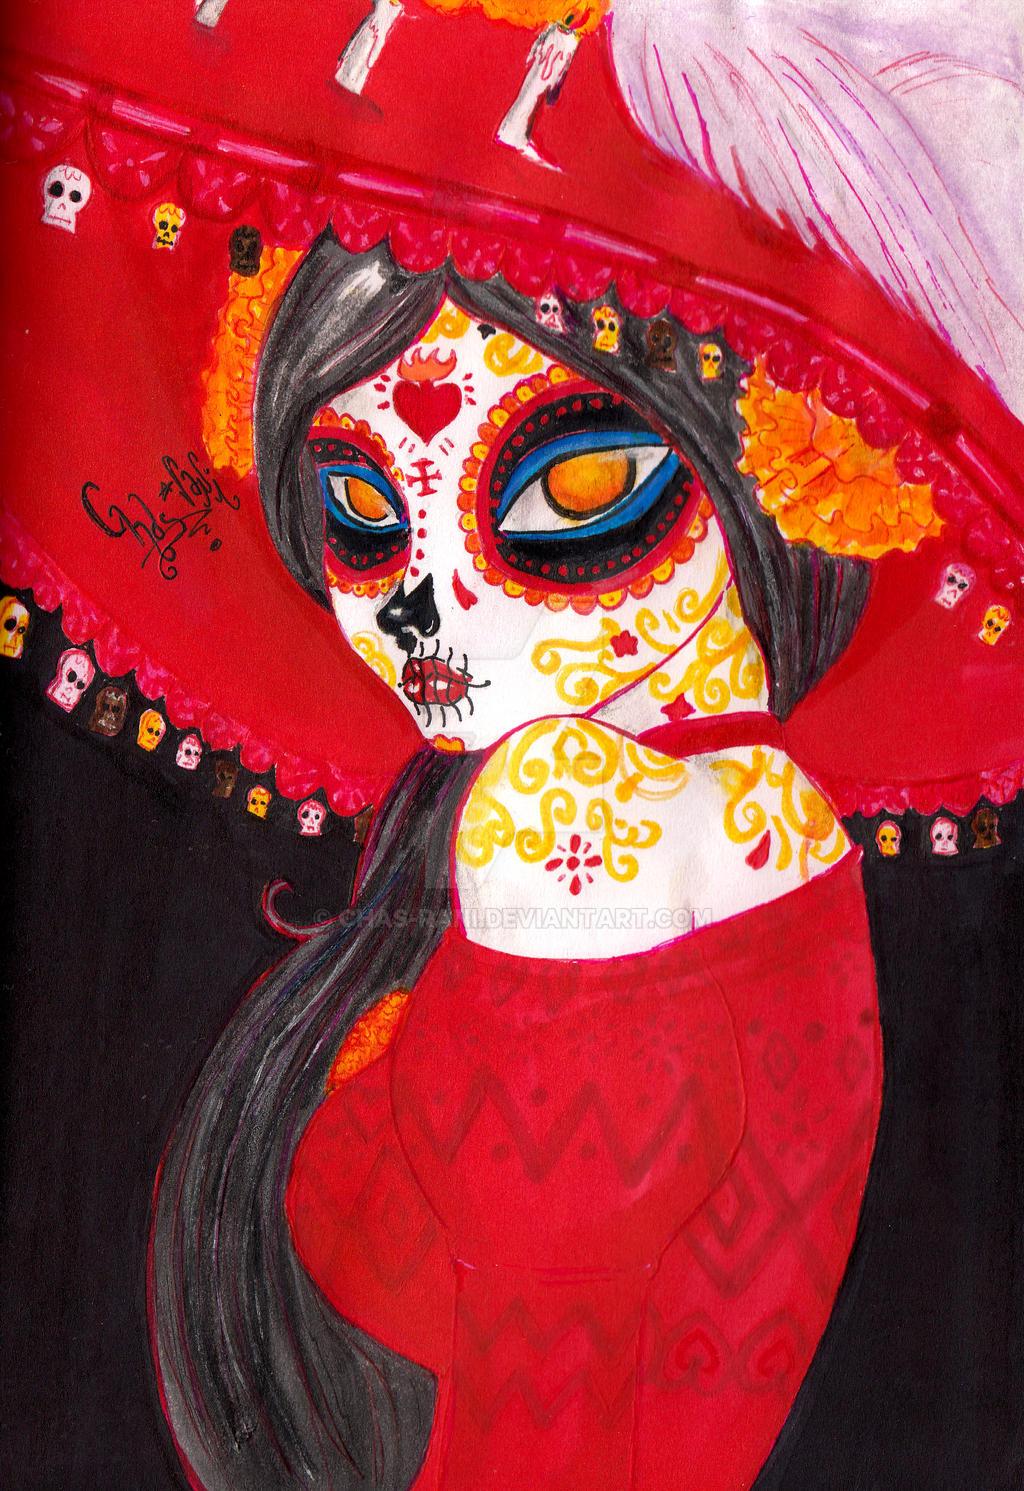 Catrina : El libro de la vida by chas-rani on DeviantArt